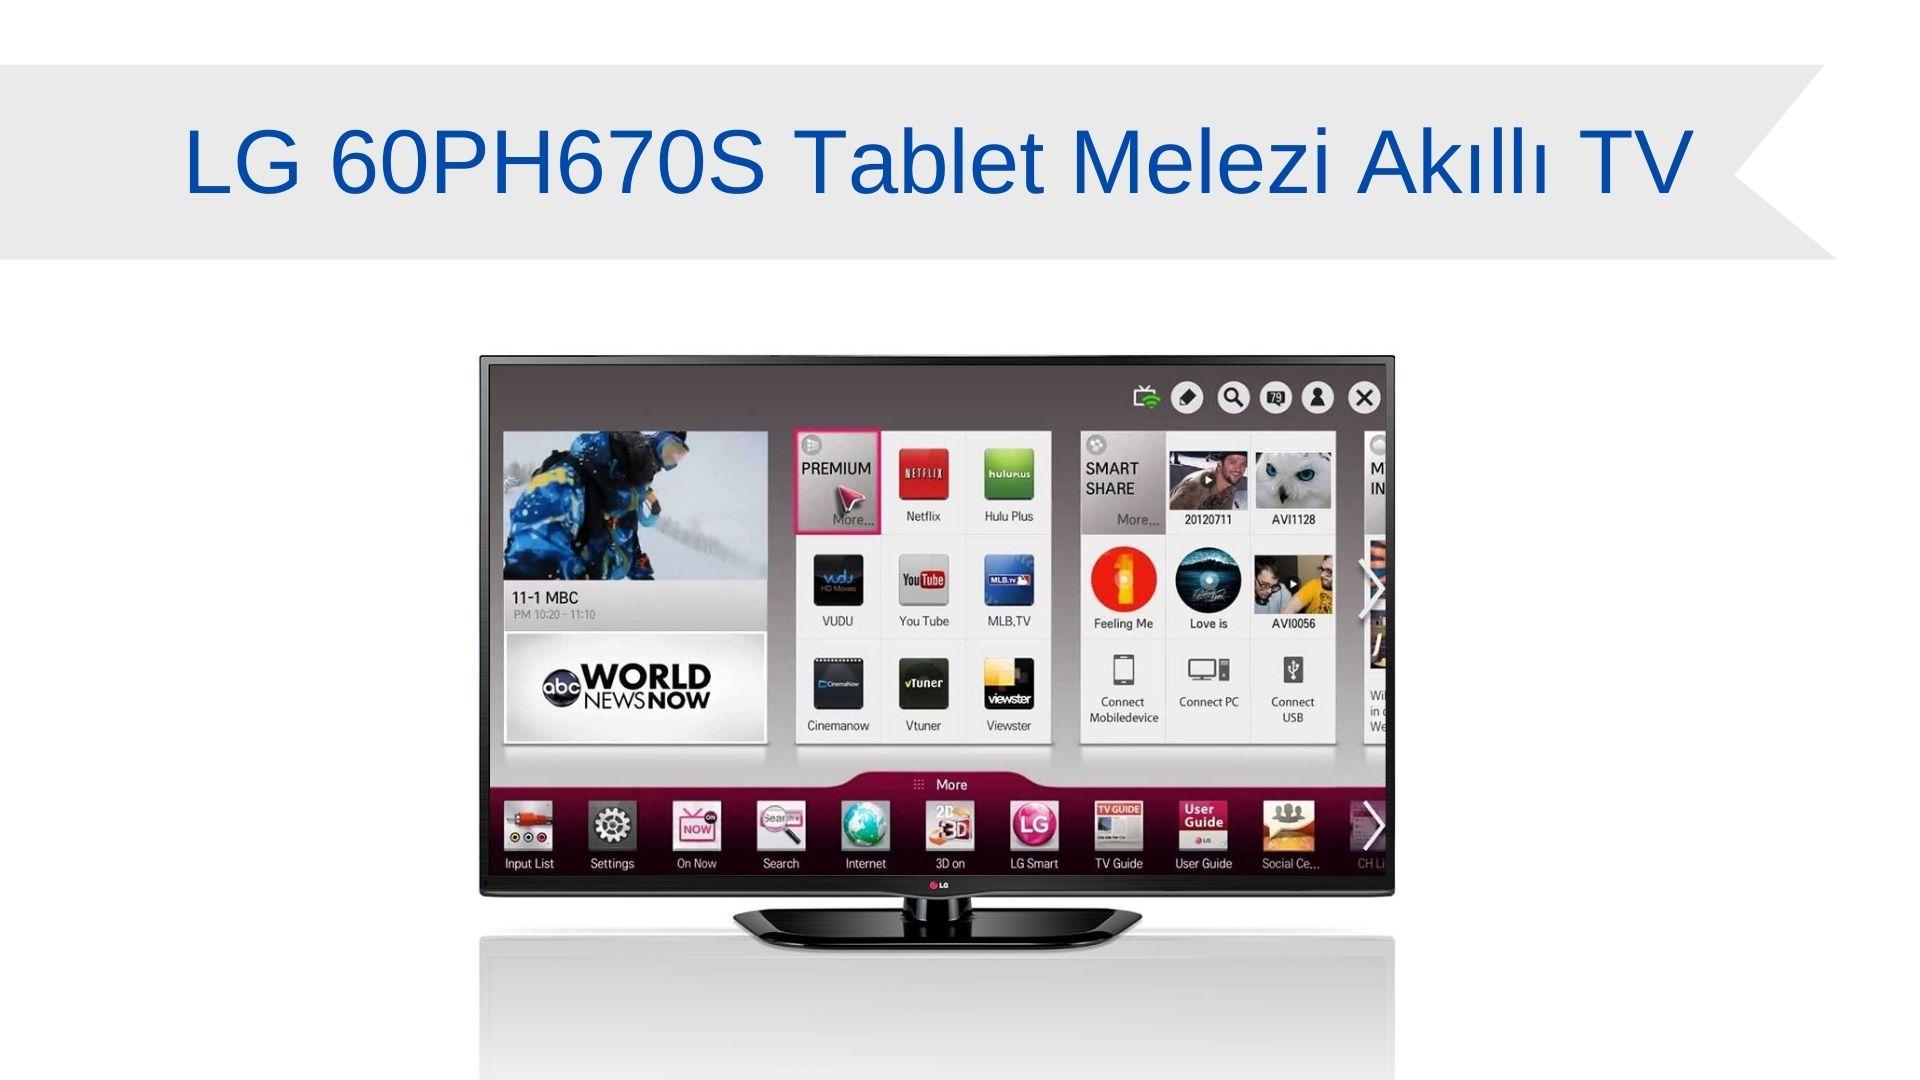 LG 60PH670S Tablet Melezi Akıllı TV